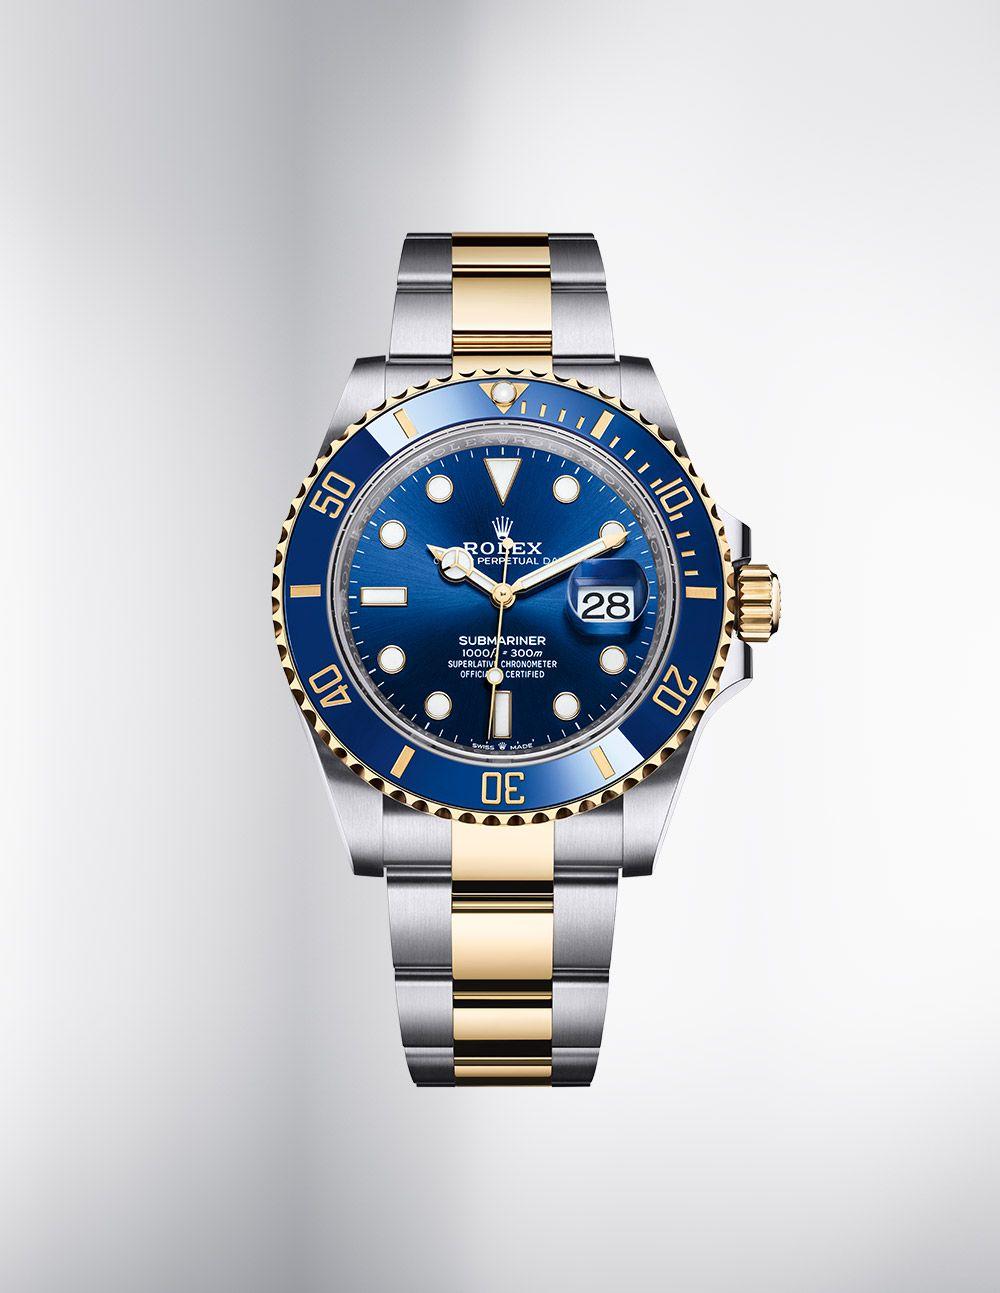 Rolex Submariner In 2020 Rolex Submariner Rolex Submariner Date